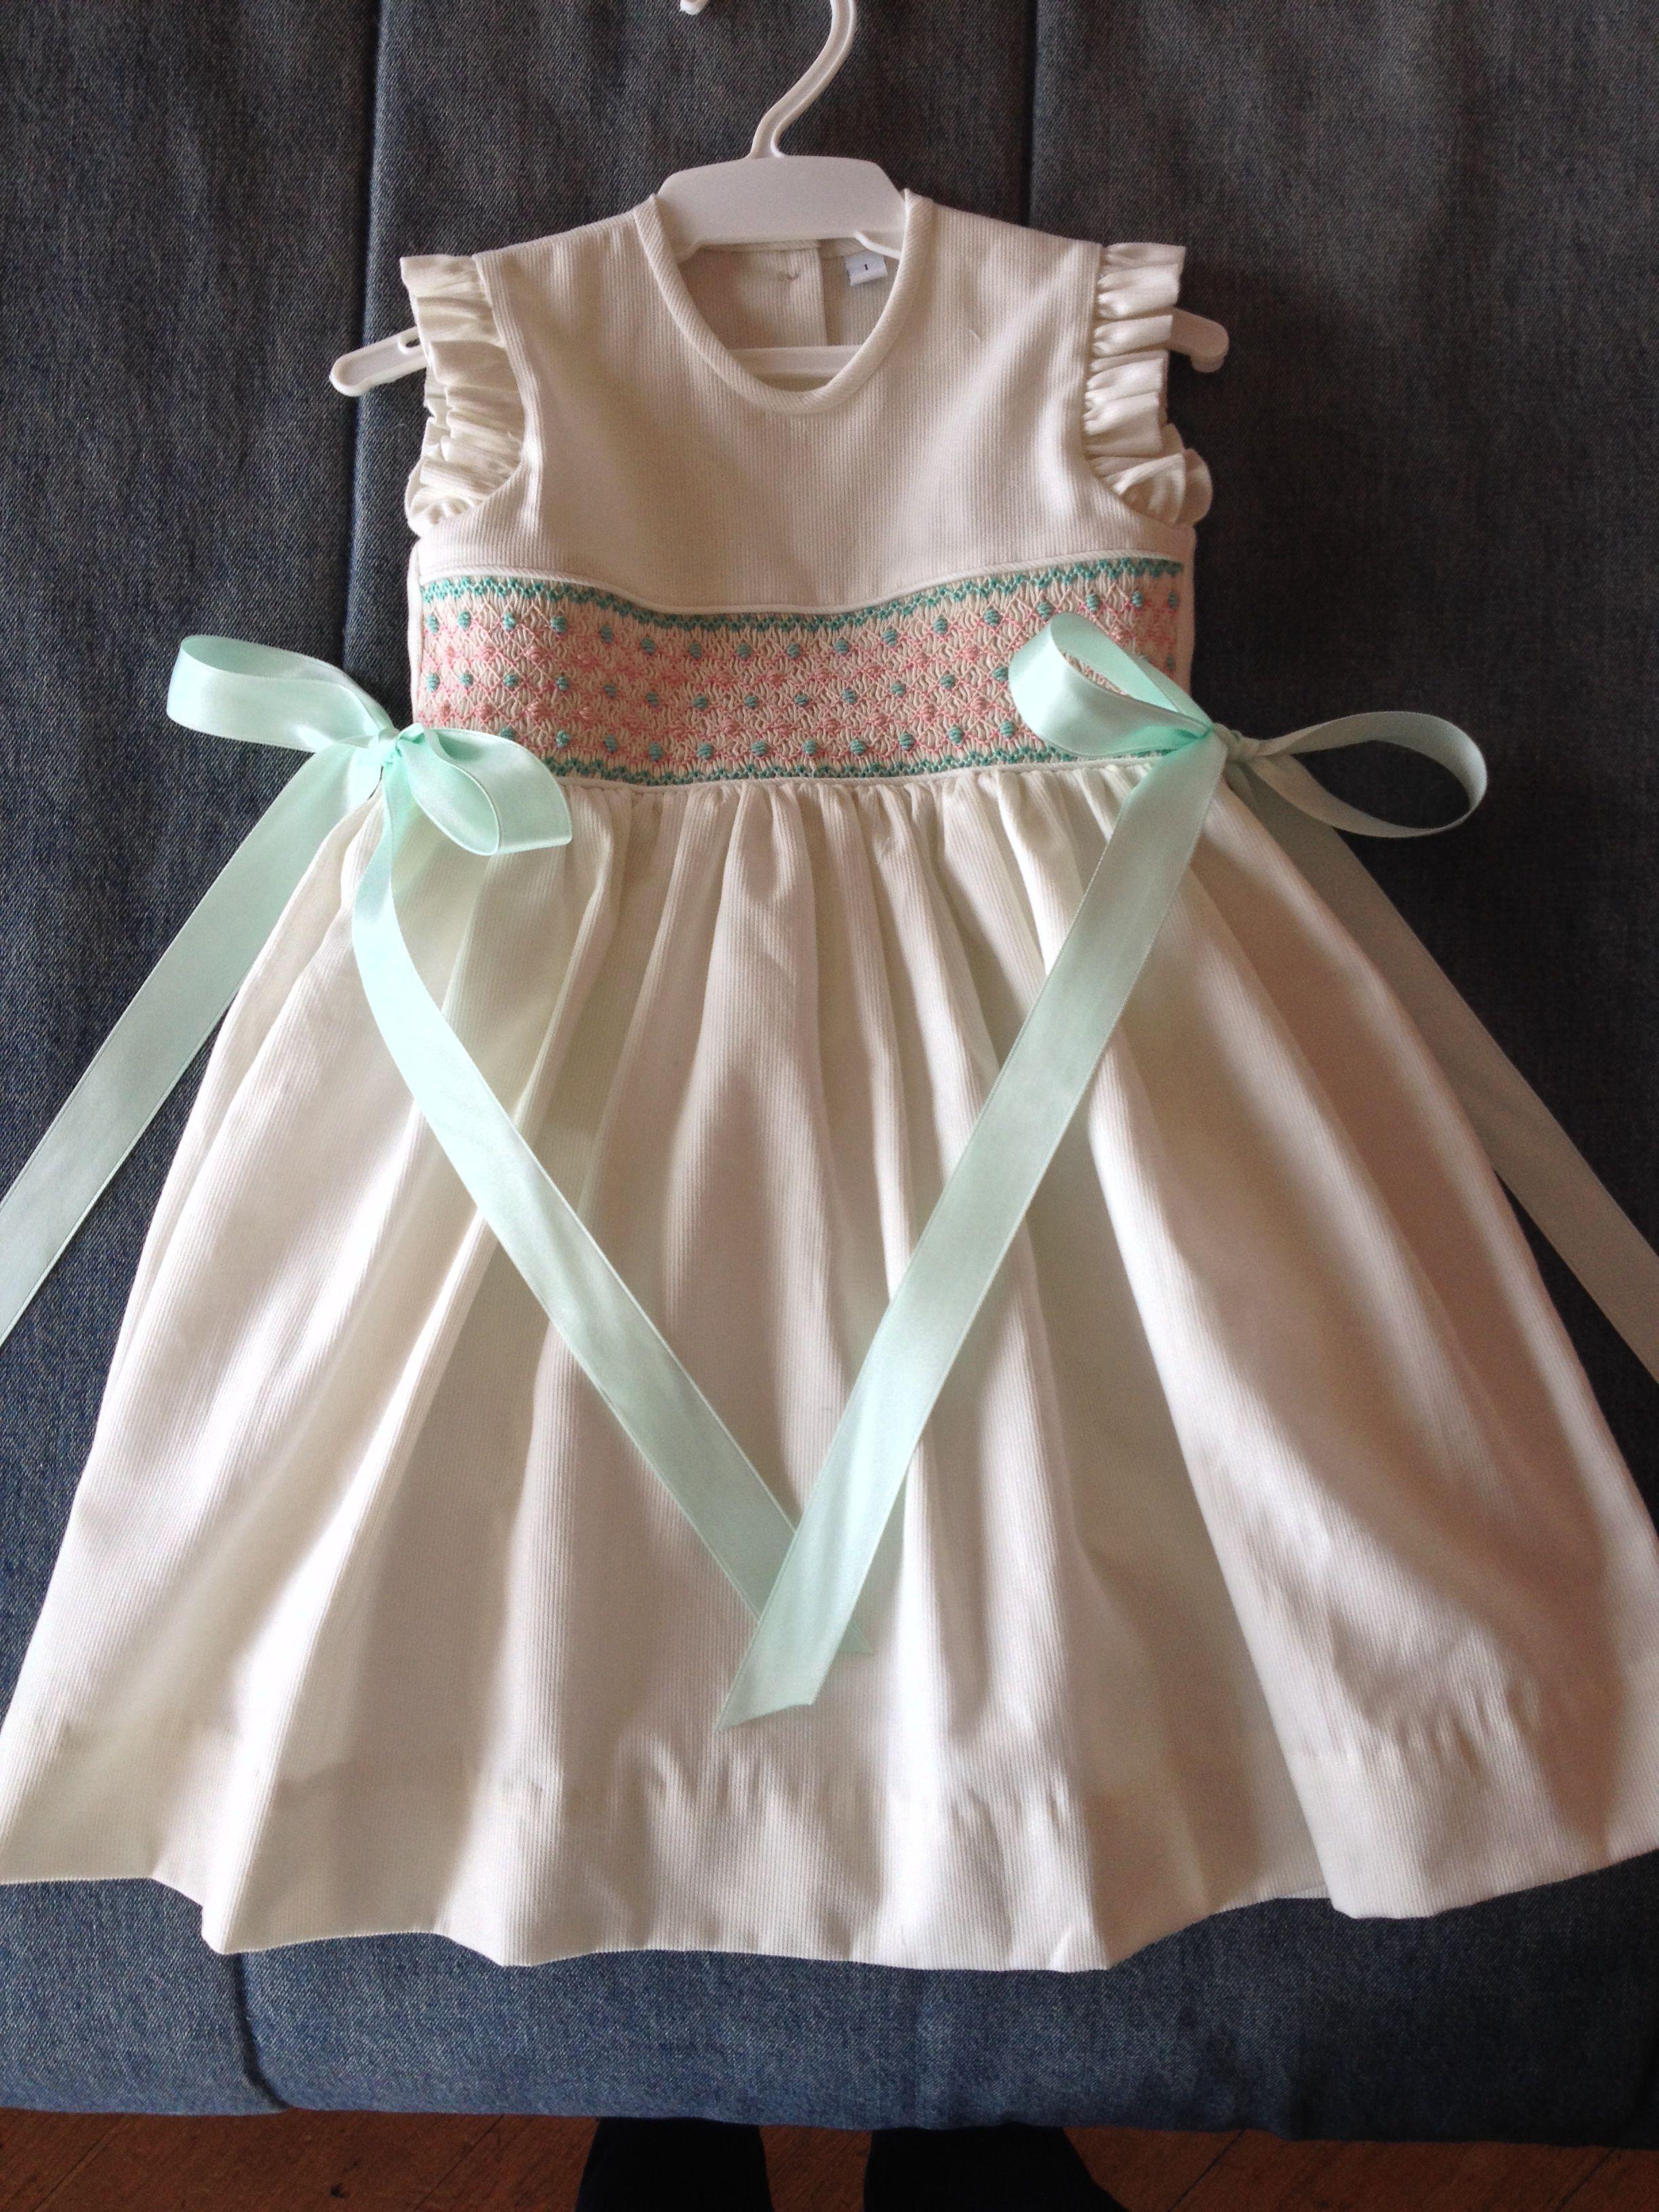 Vestido T1 hecho por gabriela belloso bordado en  nido de abeja. Smocked dress